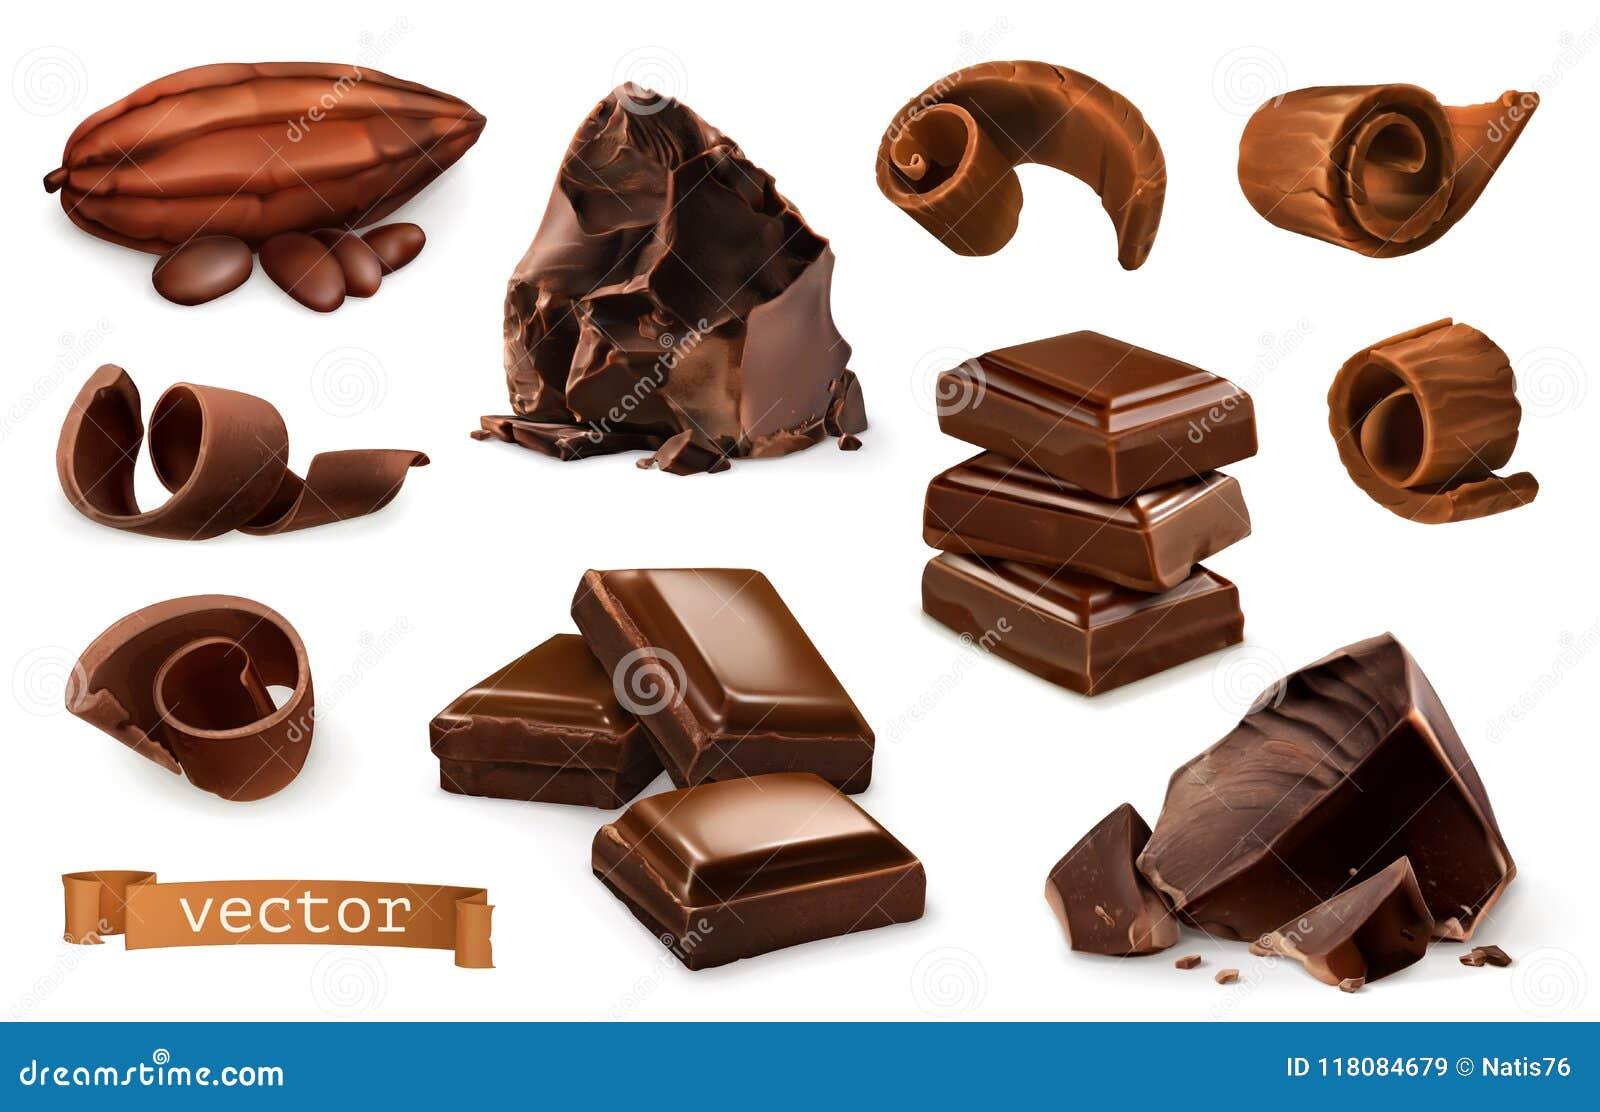 Choklad Stycken shavings, kakaofrukt symbolsuppsättning för vektor 3d